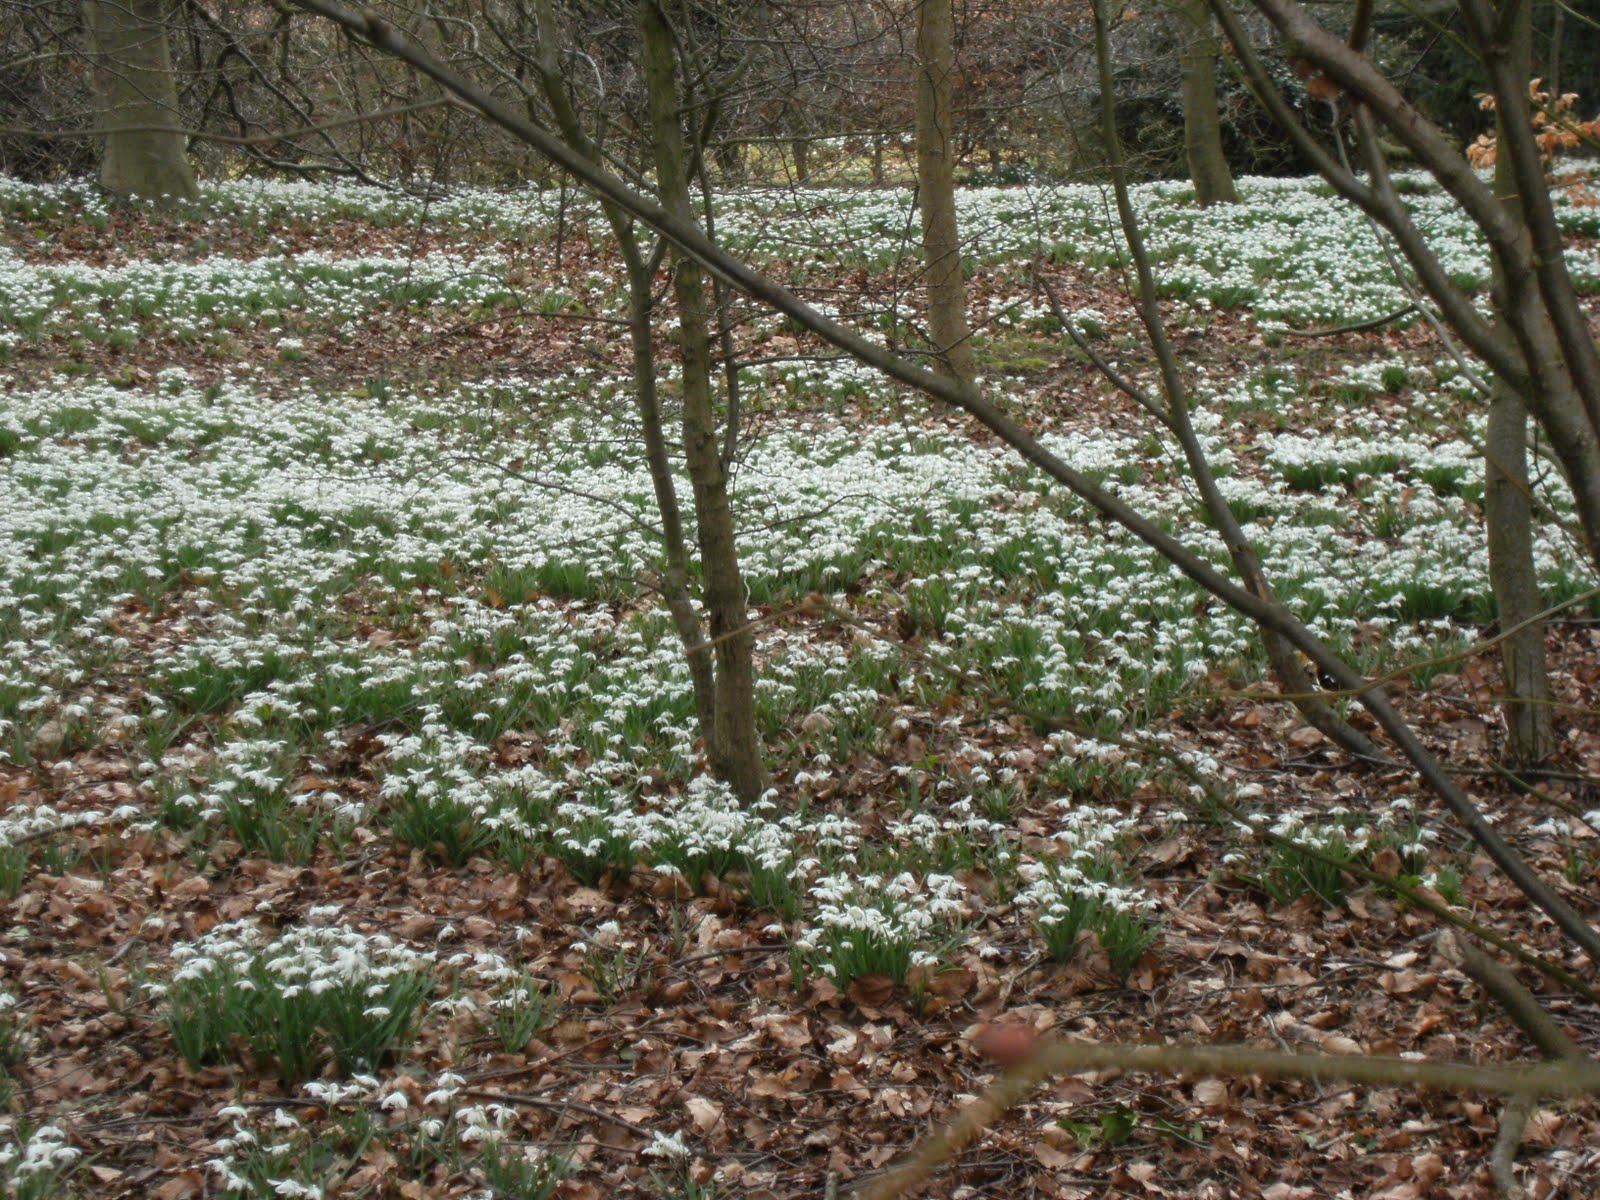 1003130006 Snowdrops in wood near Little Missenden